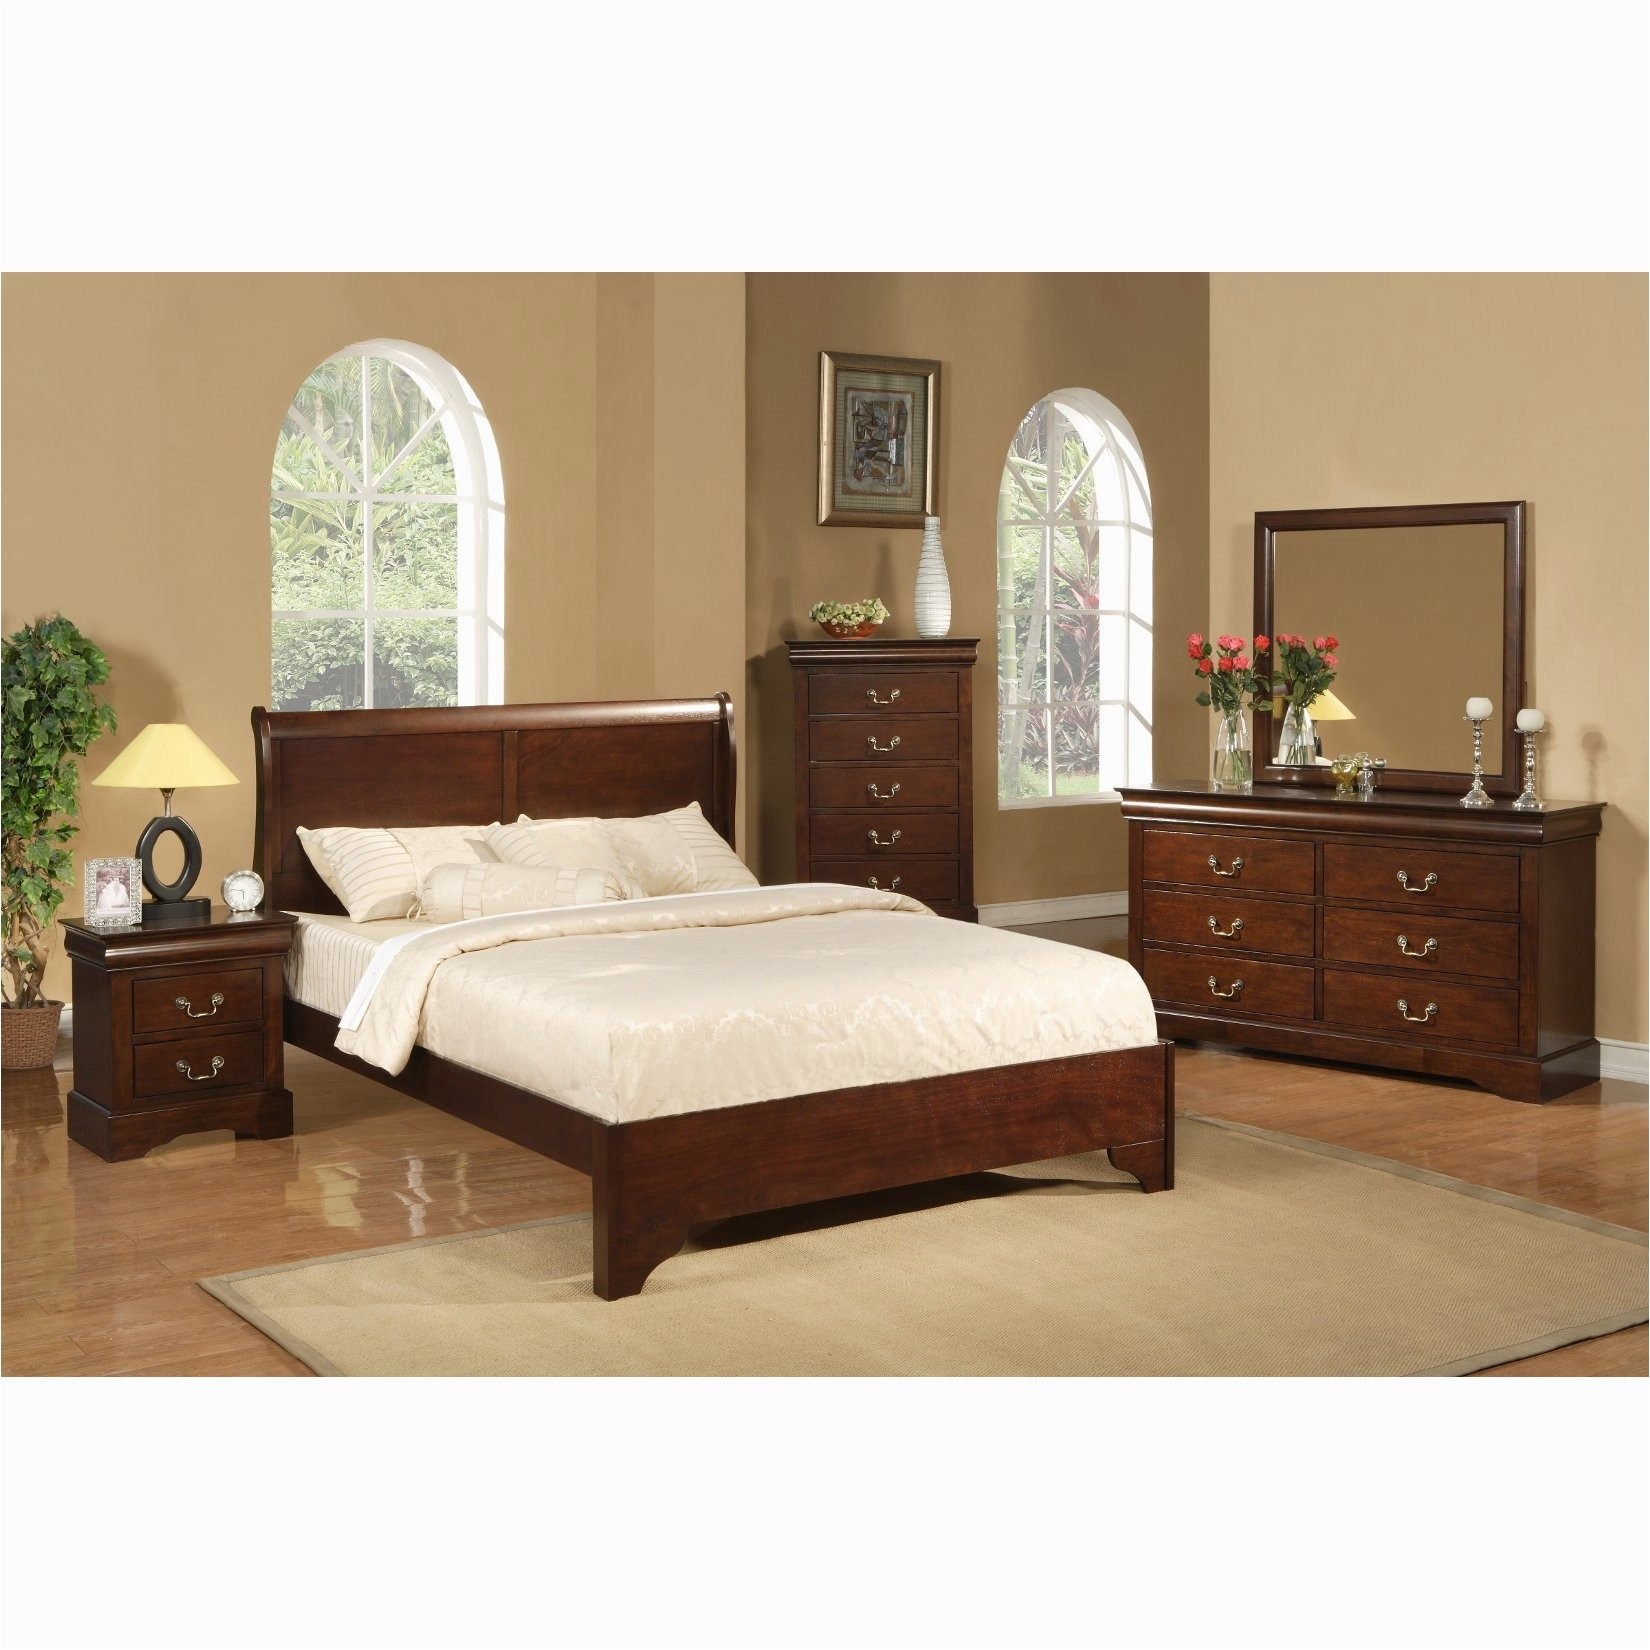 queen bedroom furniture image11 cheapest bedroom furniture sets image11 queen image11